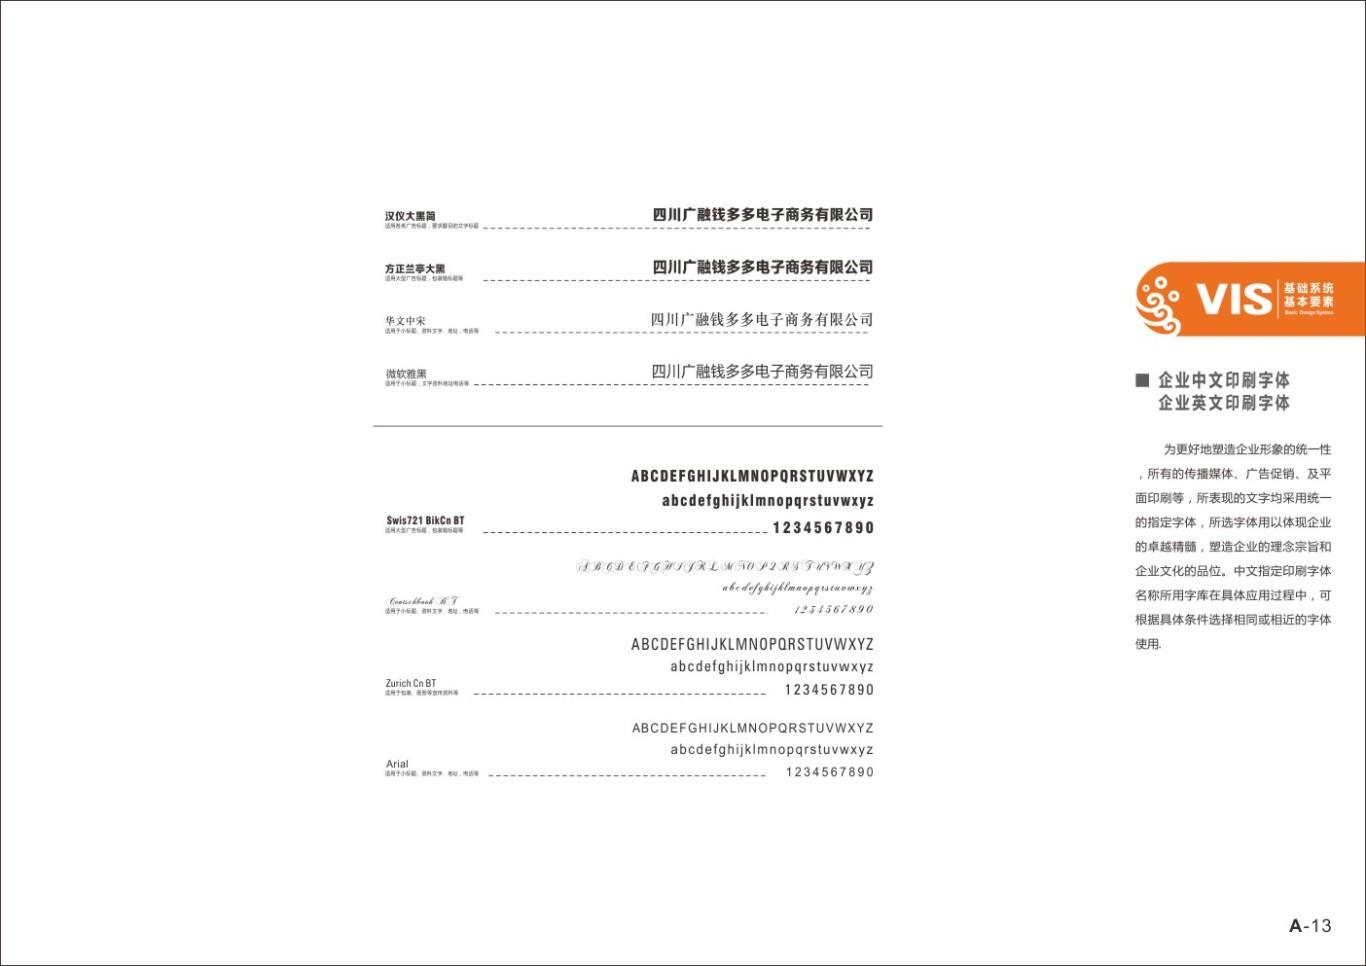 四川广融钱多多品牌及VI形象设计图15